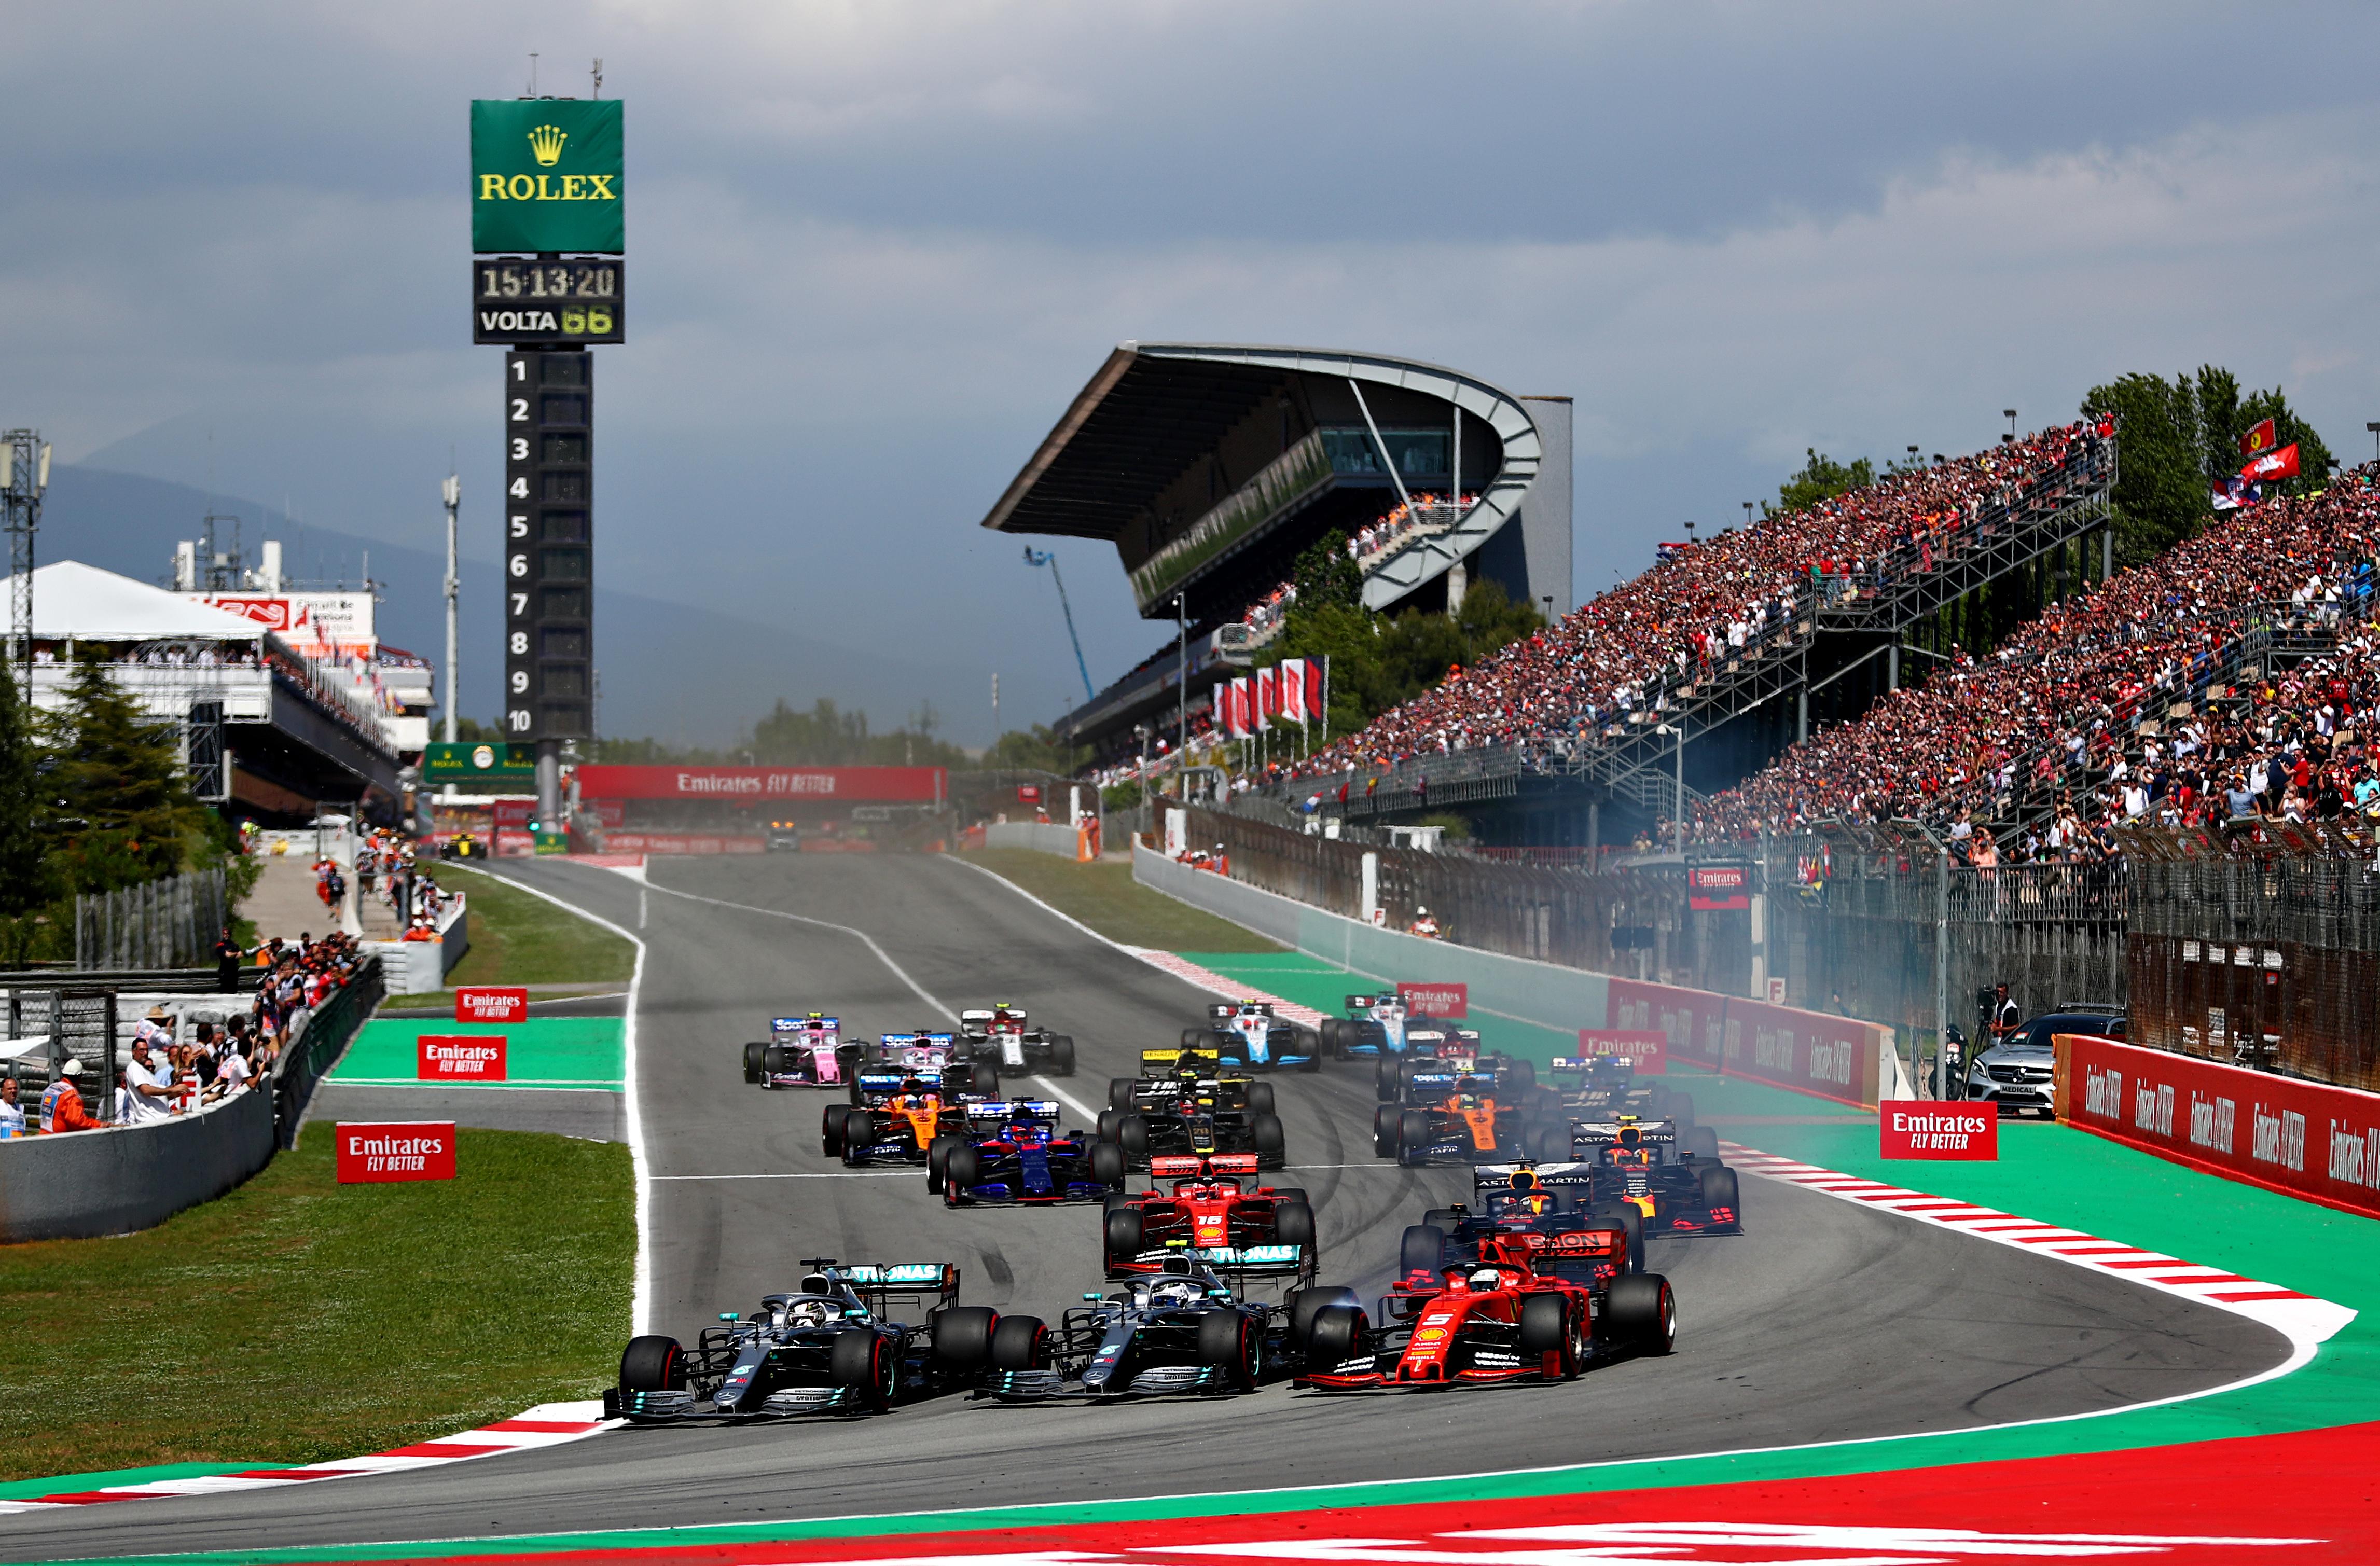 F1西班牙站:梅赛德斯连续五次包揽冠亚军